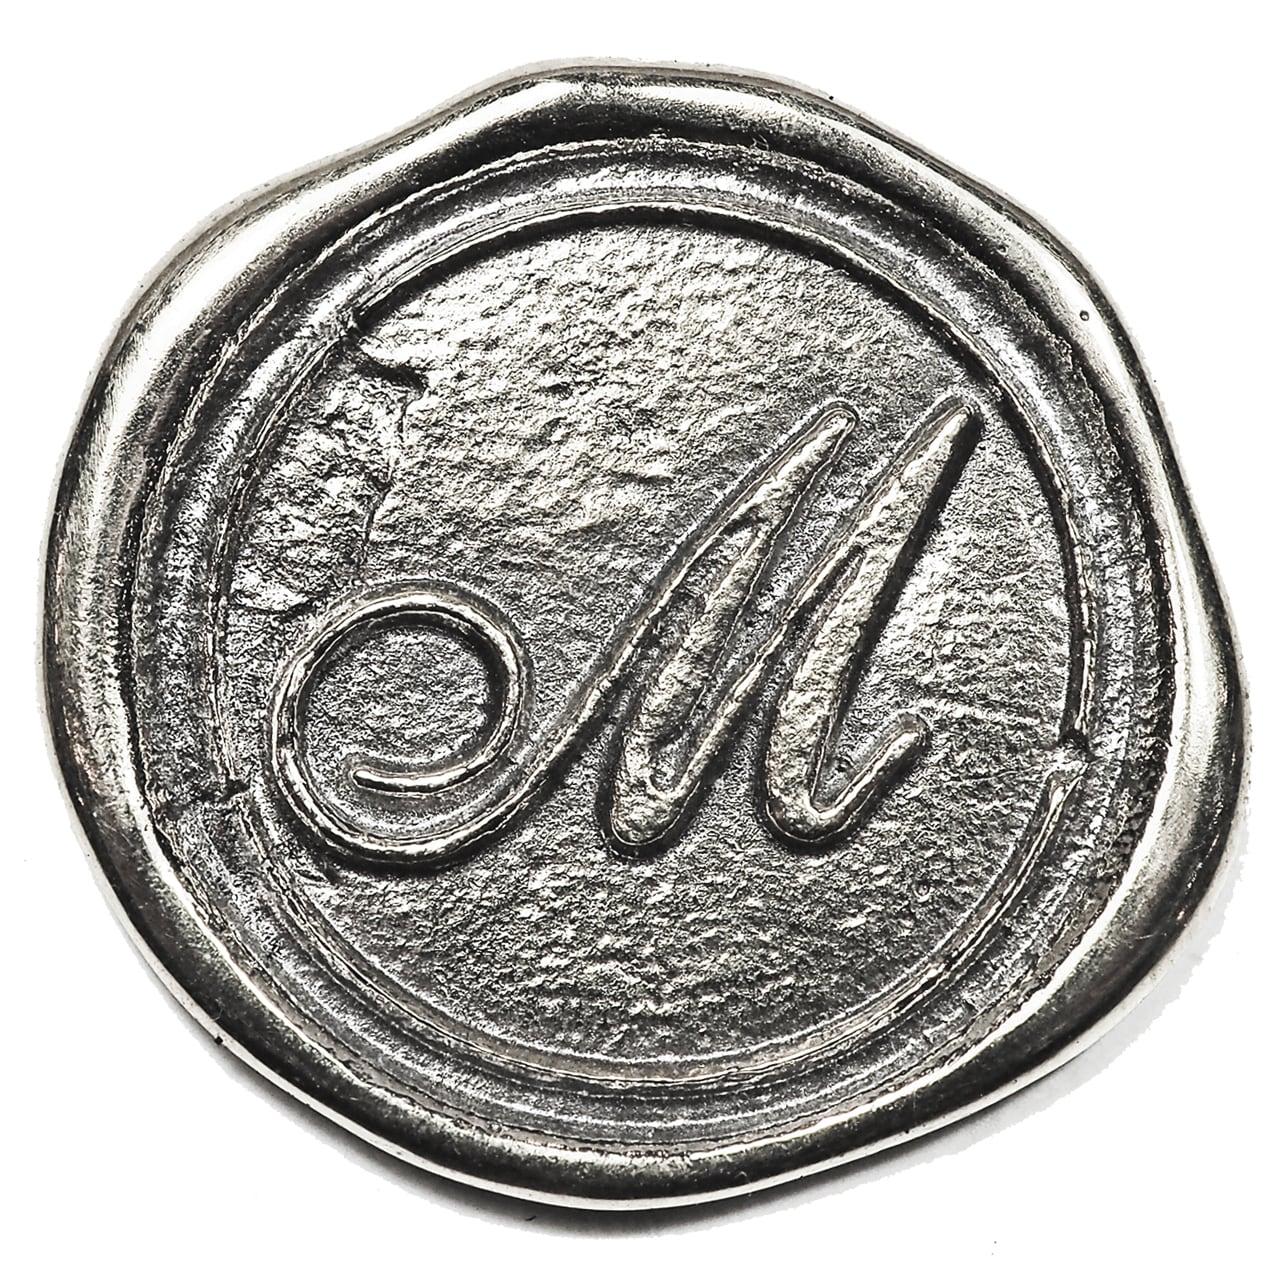 シーリングイニシャル LL 〈M〉 シルバー / コンチョボタン